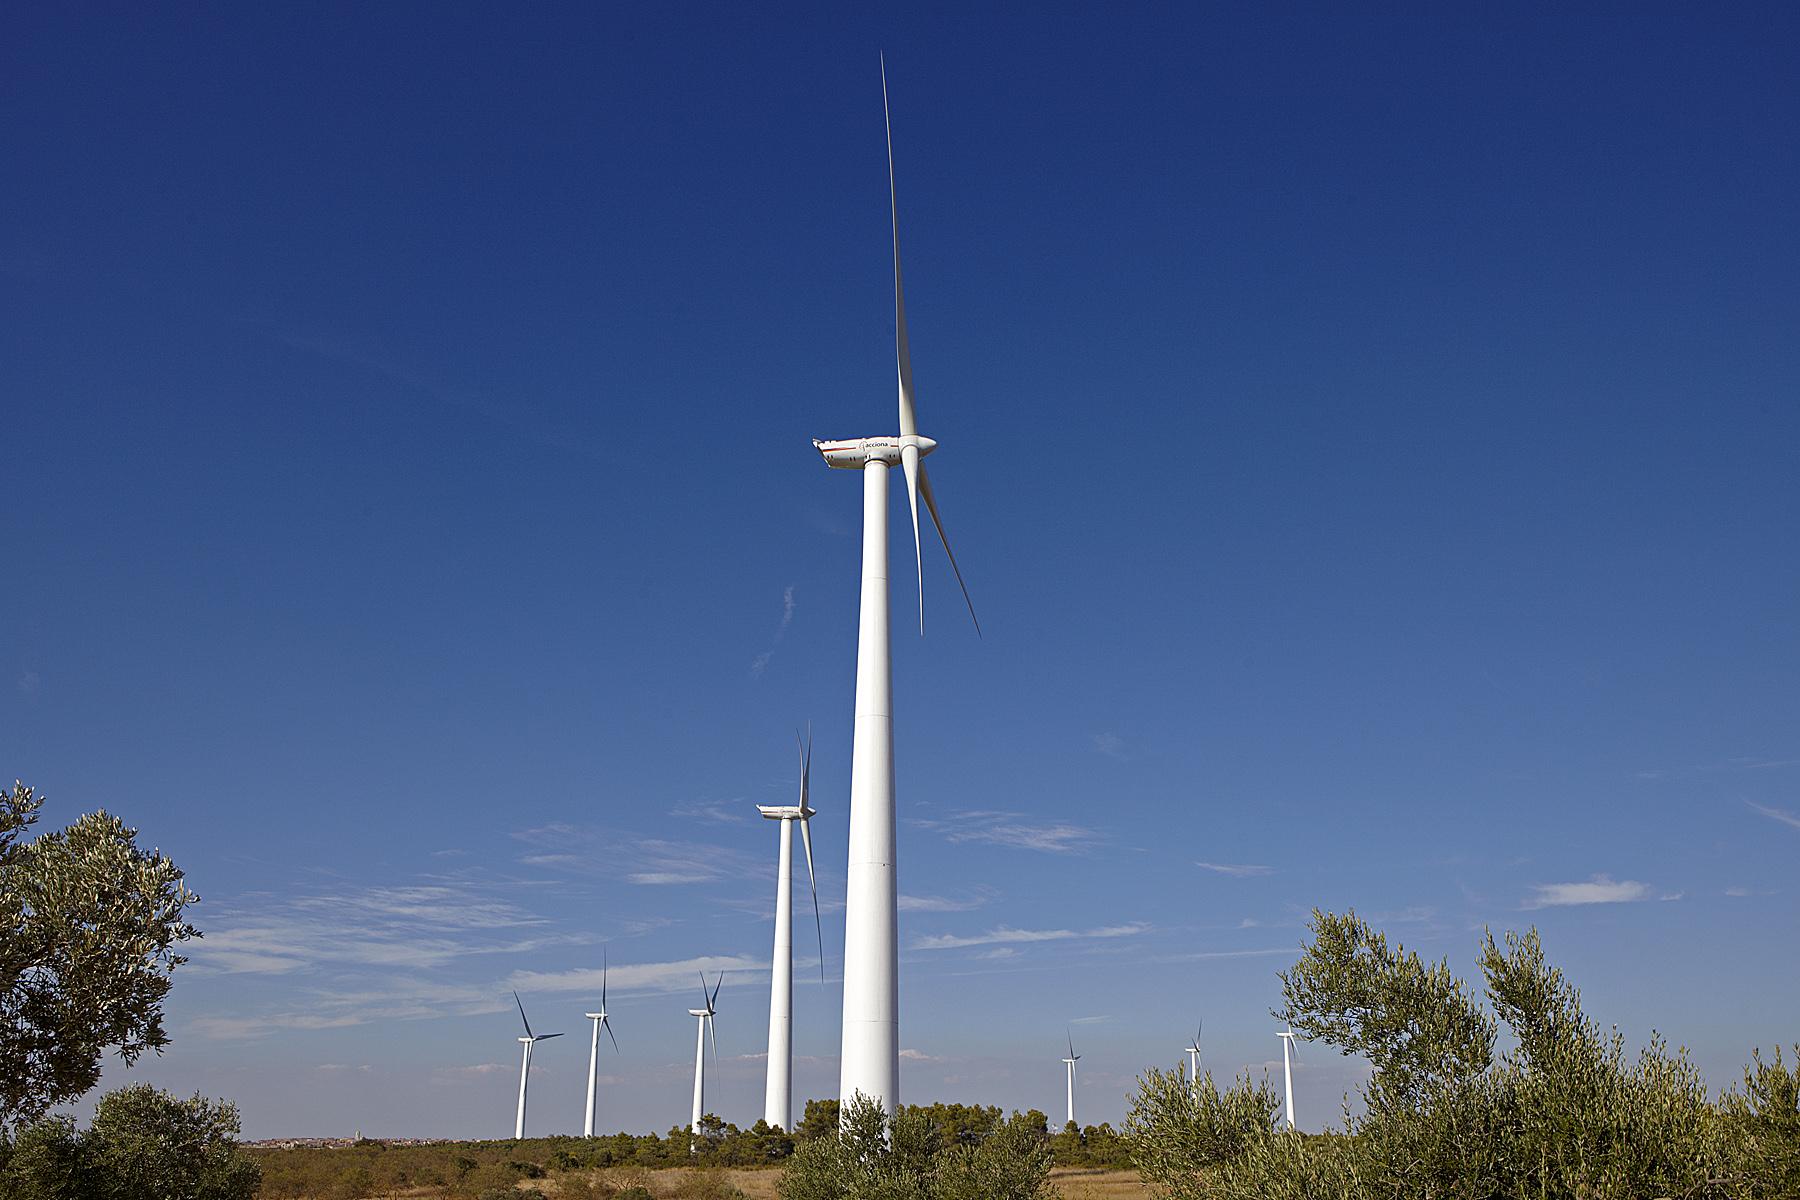 Que la eólica le ahorra dinero a los consumidores eléctricos se ha visto muy claro en los últimos días, a raíz de la la ciclogéneis explosiva que ha atravesado España y gran parte de Europa en Navidad. Este fenómeno atmosférico, que trae consigo agua y viento en abundancia, ha provocado que la eólica cubriese el 47,5% de la demanda de electricidad de España el martes de Nochebuena y el 53,8% el miércoles de Navidad. Es decir que la mitad de la electricidad consumida por los españoles en Navidad se la ha proporcionado el viento. Como la generación eólica entra a un precio marginal cero en el mercado mayorista eléctrico –desplazando de este modo a tecnologías más caras–, durante estos dos últimos días los precios han caído exponencialmente. Según los datos de OMIE, el precio del pool se situó el martes en 9,18 euros/MWh y el miércoles en 5,42 euros. Hoy se sitúa en 12,84 euros. En el resto de diciembre, el anticiclón que nos ha acompañado tuvo como consecuencia unos niveles de viento inusualmente bajos para el último mes del año, uno de los motivos por los que el precio de la electricidad se ha disparado hasta máximos de 112 euros/MWh. La eólica ha sido la tecnología que más electricidad ha aportado a España en 2013, lo que ocurre por primera vez en la historia en un año completo. Según el avance de 2013 del operador del sistema, Red Eléctrica de España (REE), la cobertura de la demanda con eólica ha sido del 21,1%.Eólica y energías renovables: Acciona suministra aerogeneradores de un parque eólico de 102 MW en Canadá